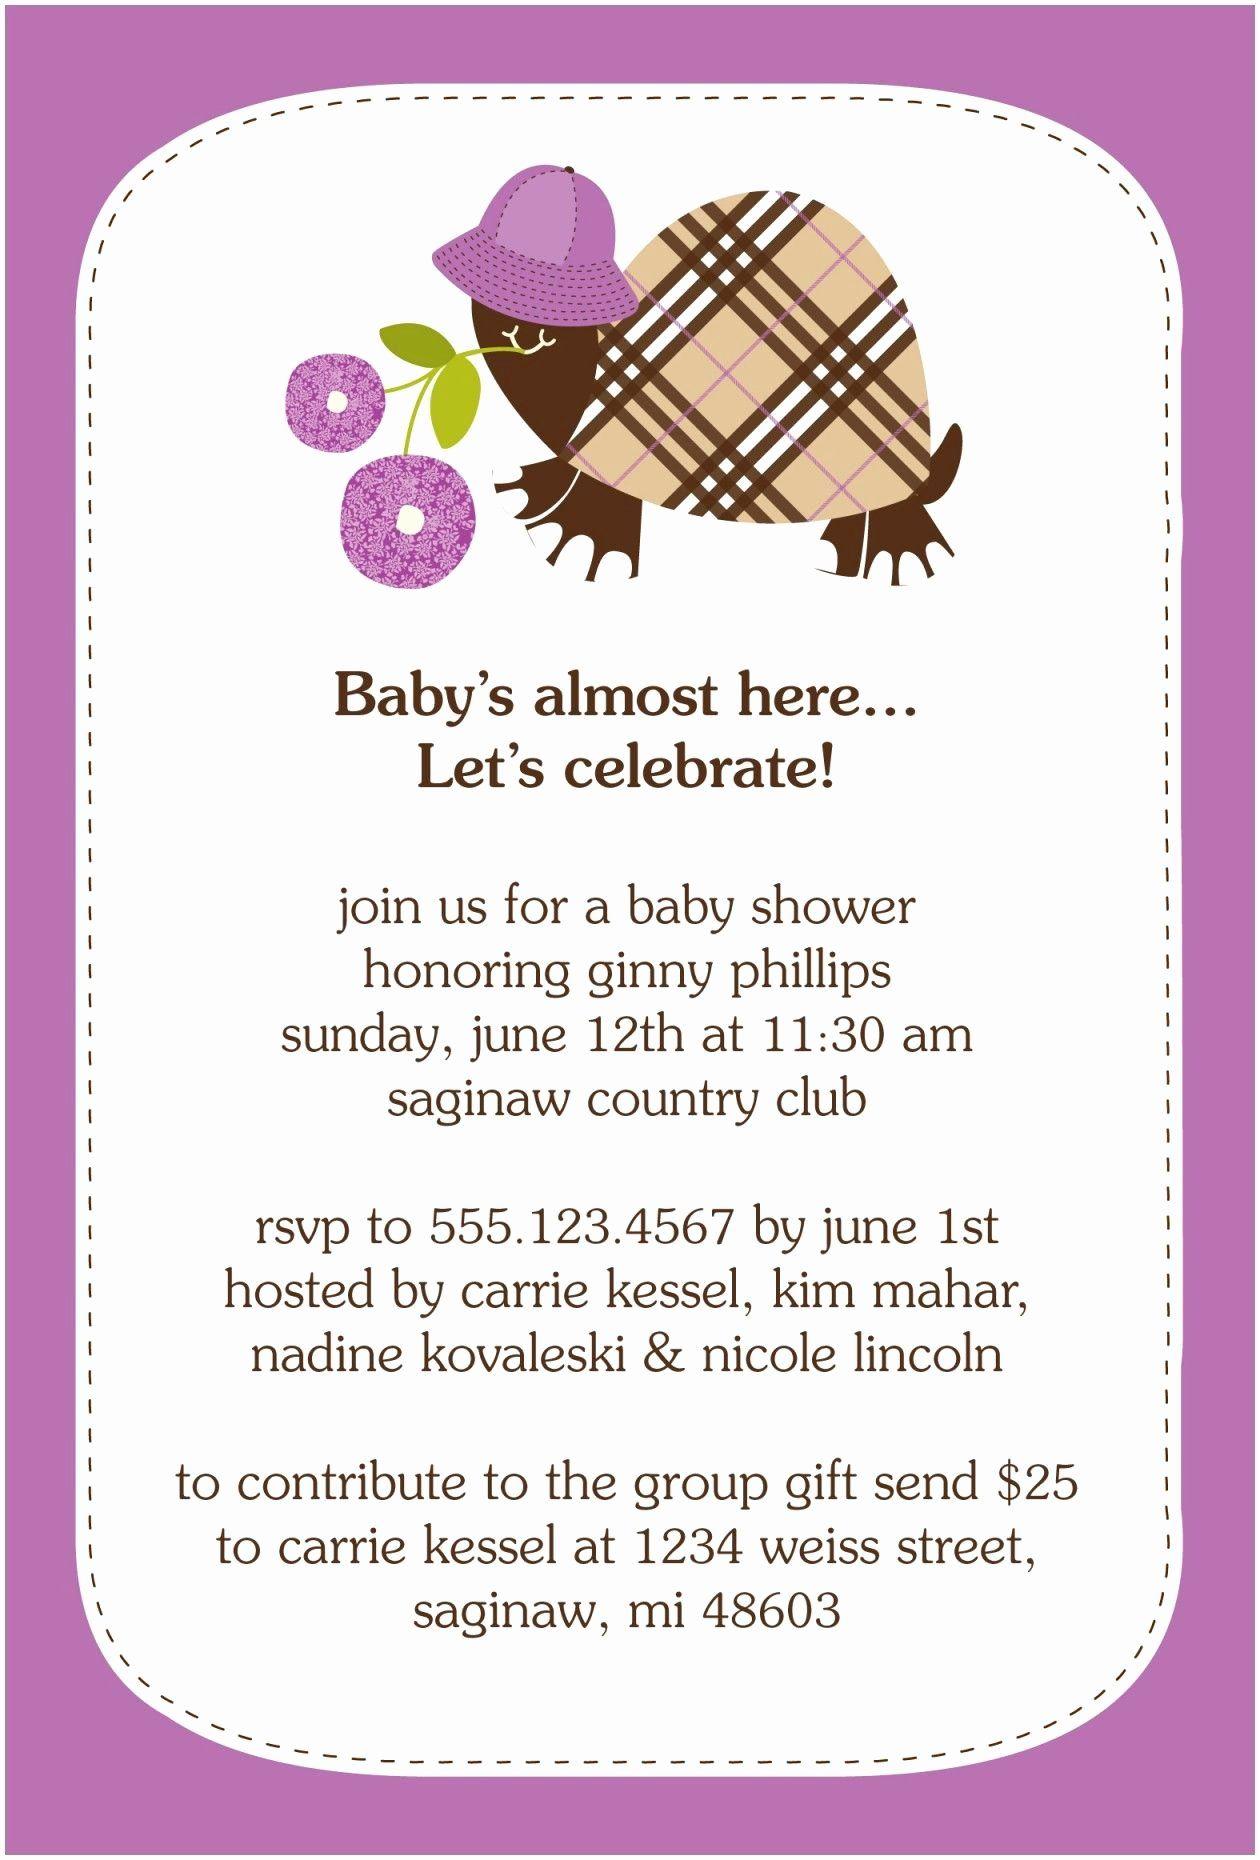 Luxury Baby Shower Invitations Elegant Inspirational Baby Shower Inv Baby Shower Invitation Wording Simple Baby Shower Invitations Baby Shower Invitation Poems